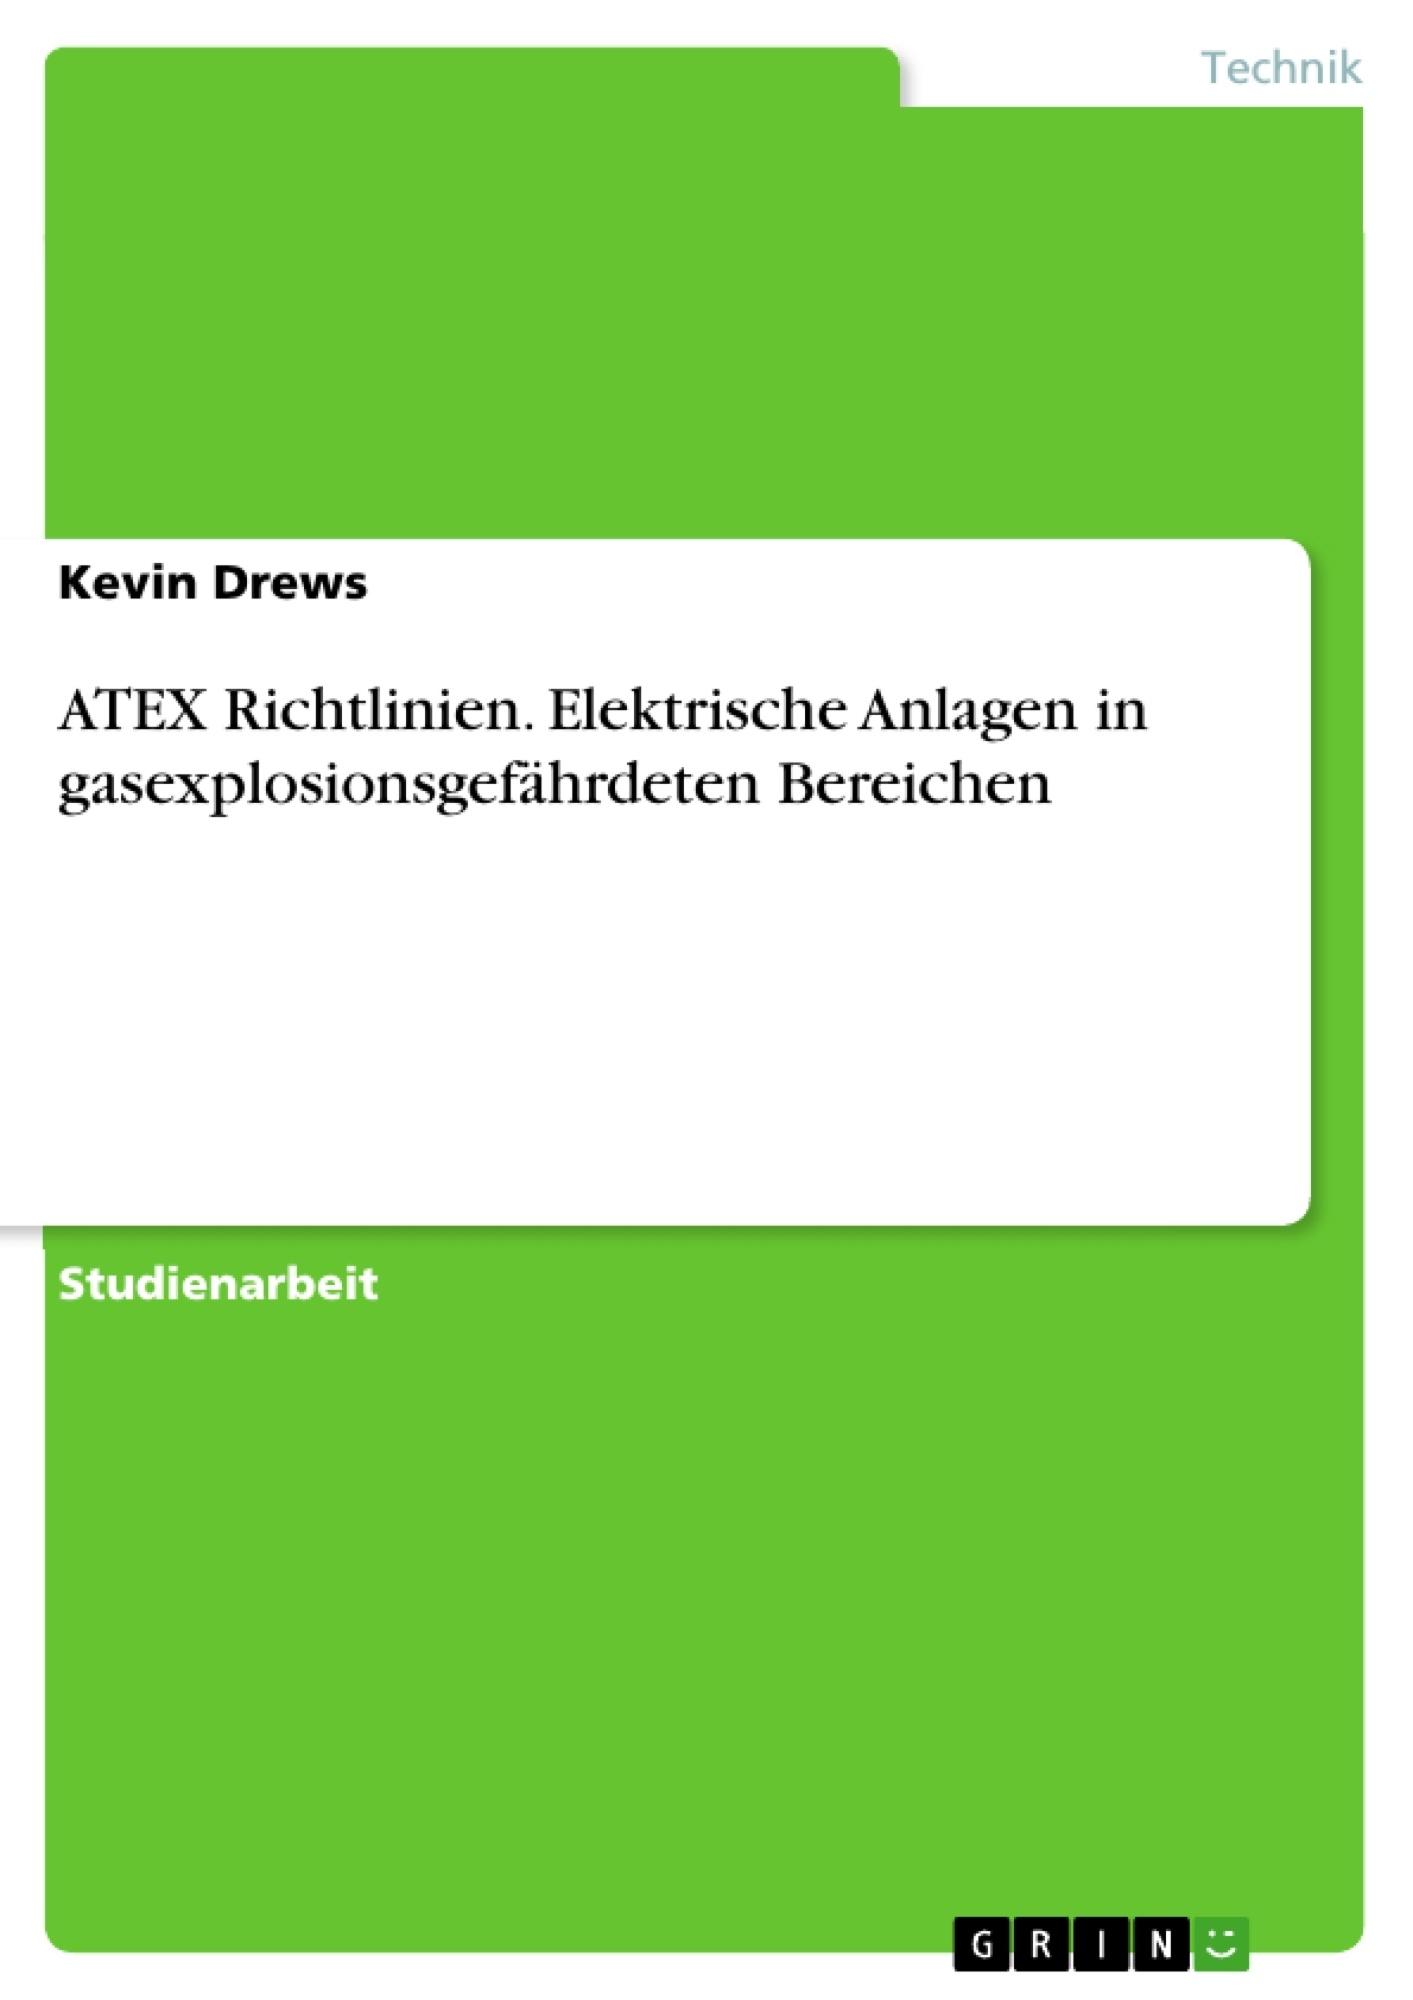 Titel: ATEX Richtlinien. Elektrische Anlagen in  gasexplosionsgefährdeten Bereichen